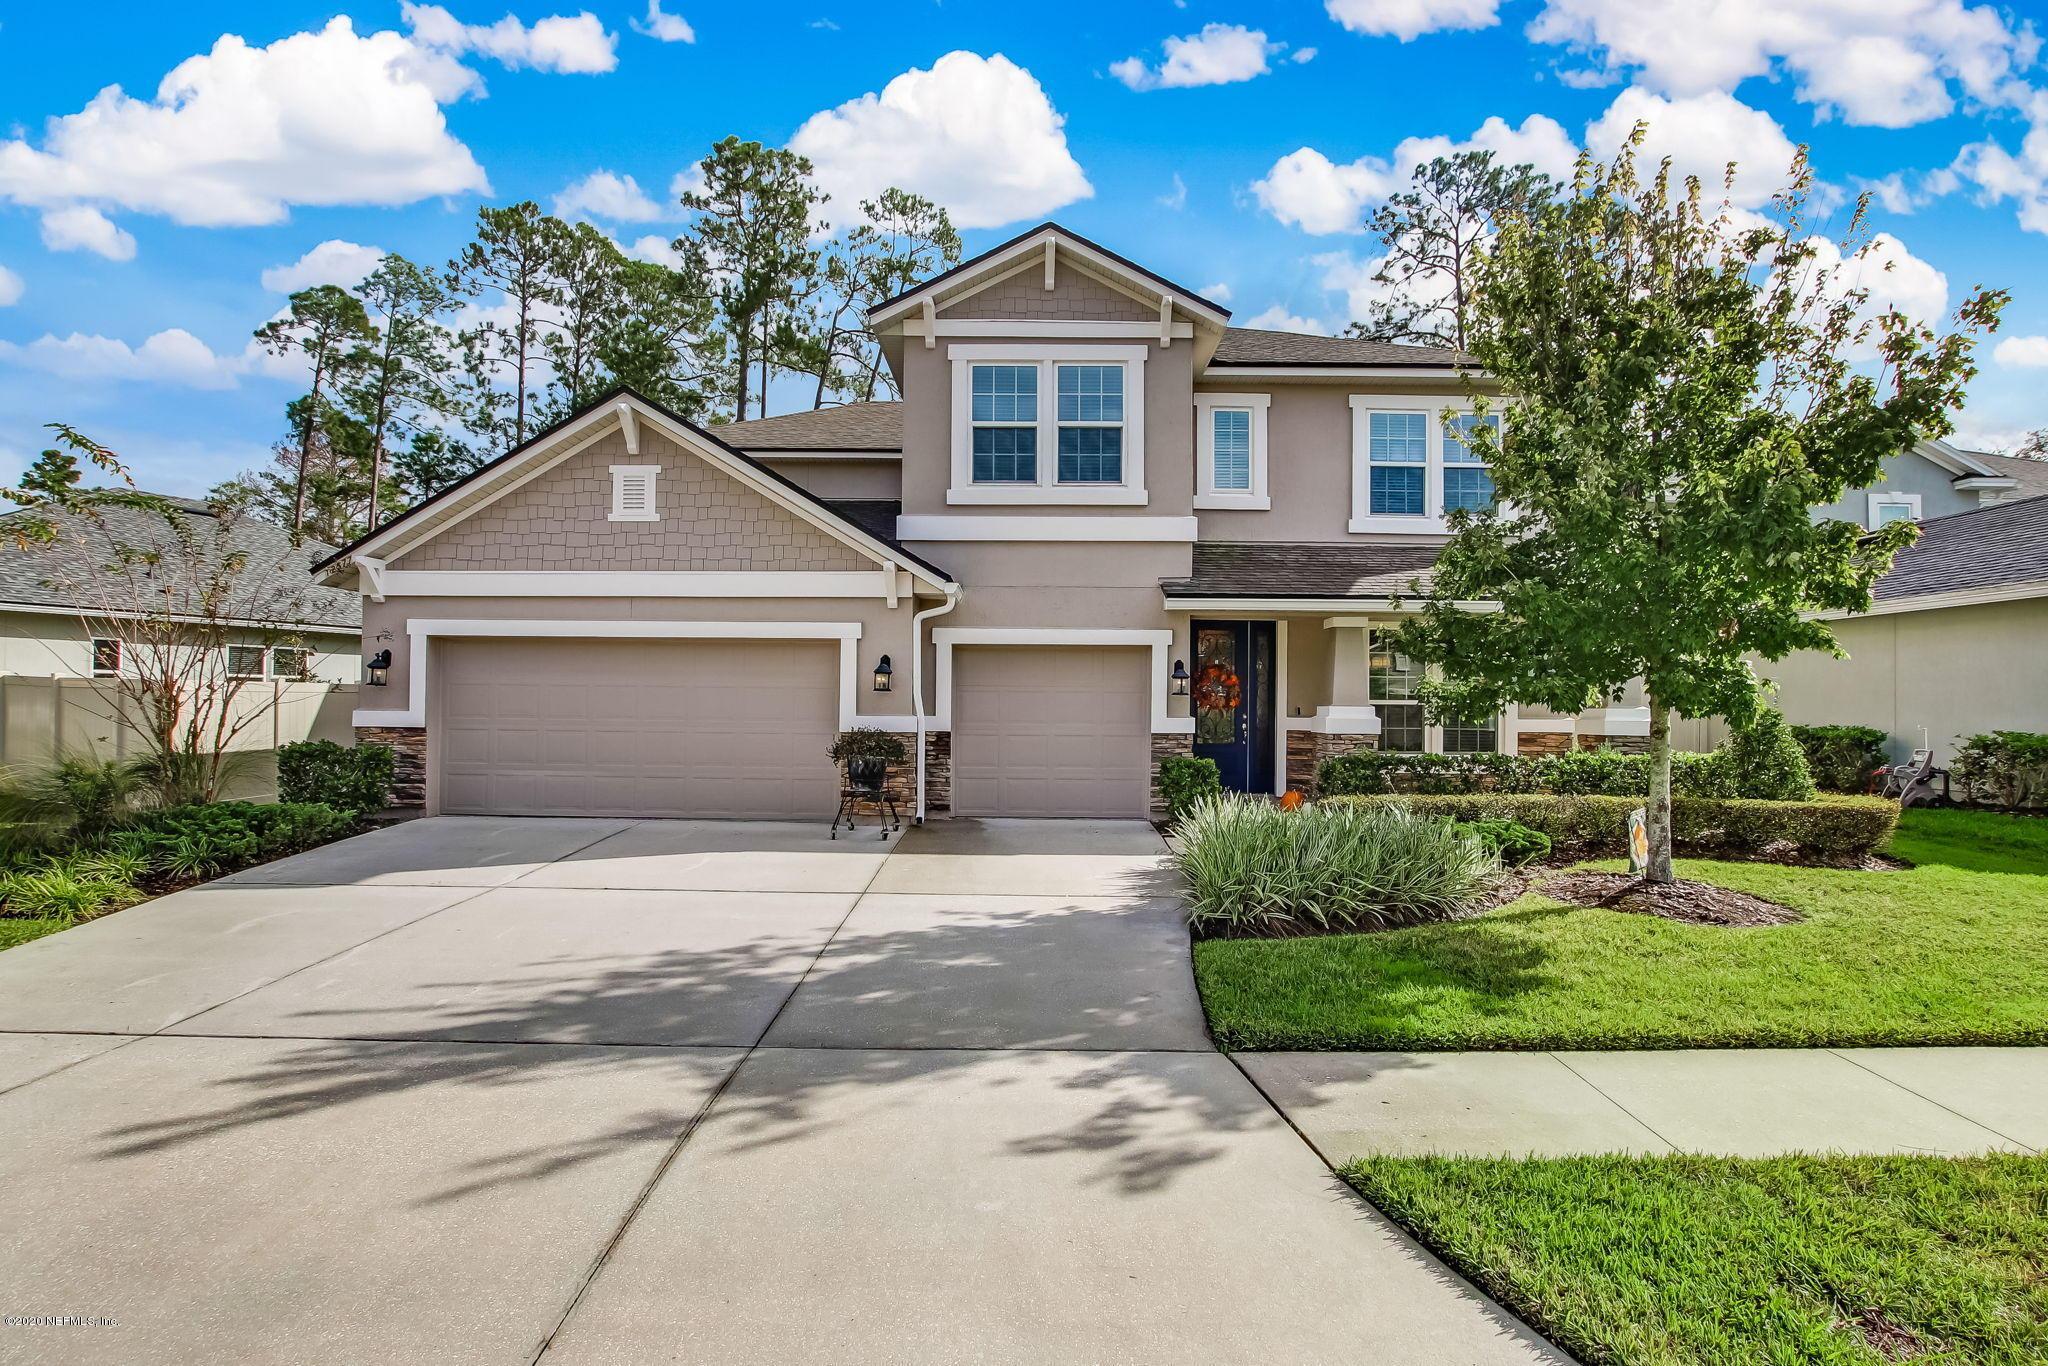 Details for 12677 Julington Oaks Dr, JACKSONVILLE, FL 32223